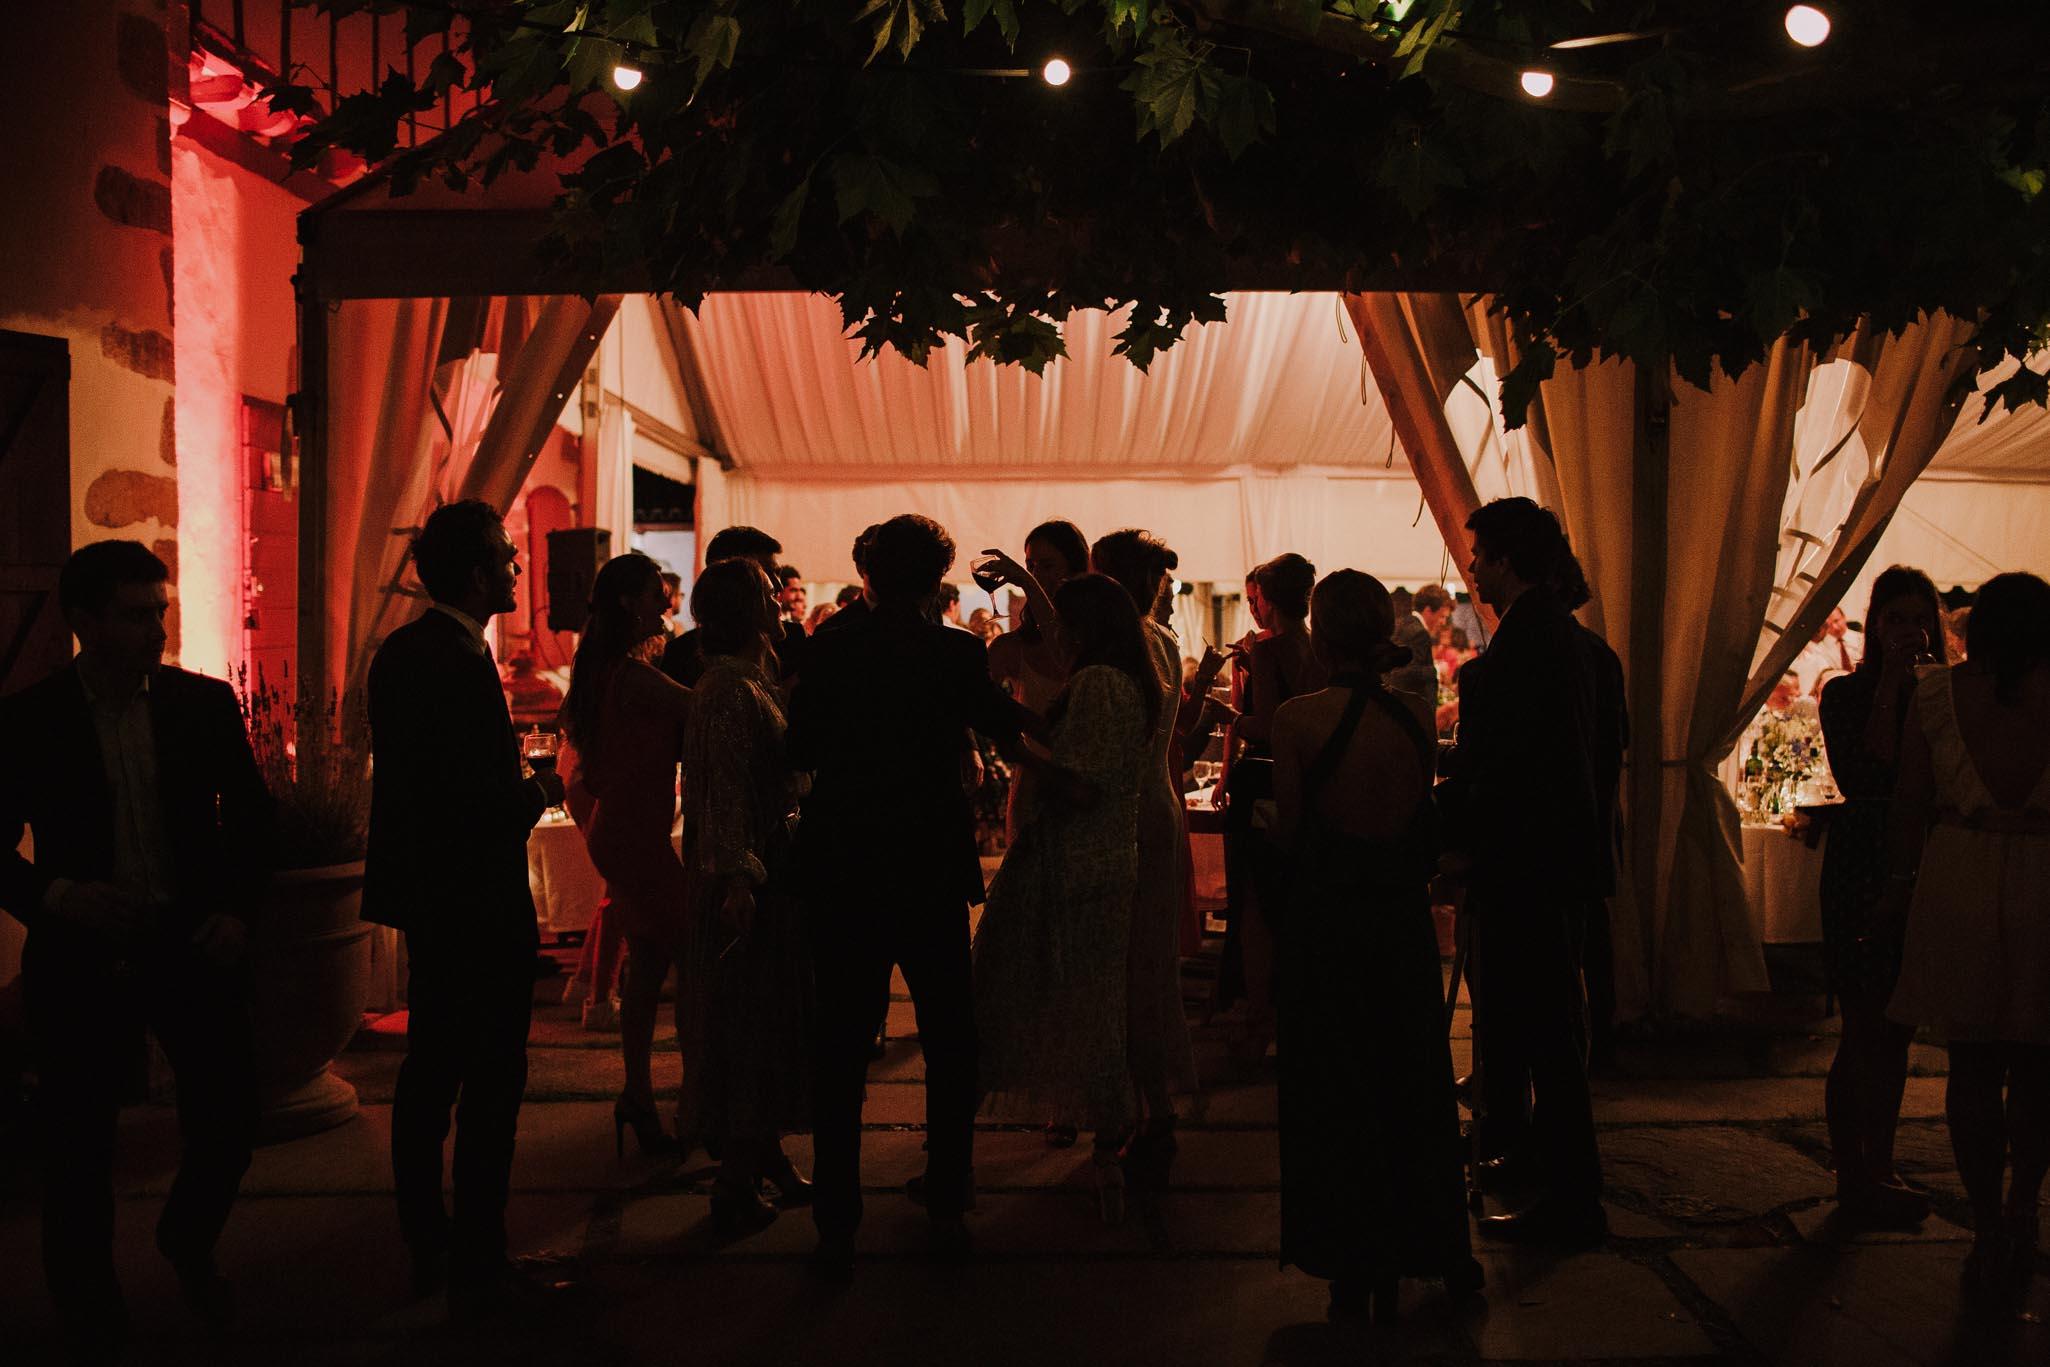 Photographe-mariage-bordeaux-jeremy-boyer-pays-basque-ihartze-artea-sare-robe-eleonore-pauc-couple-amour-188.jpg